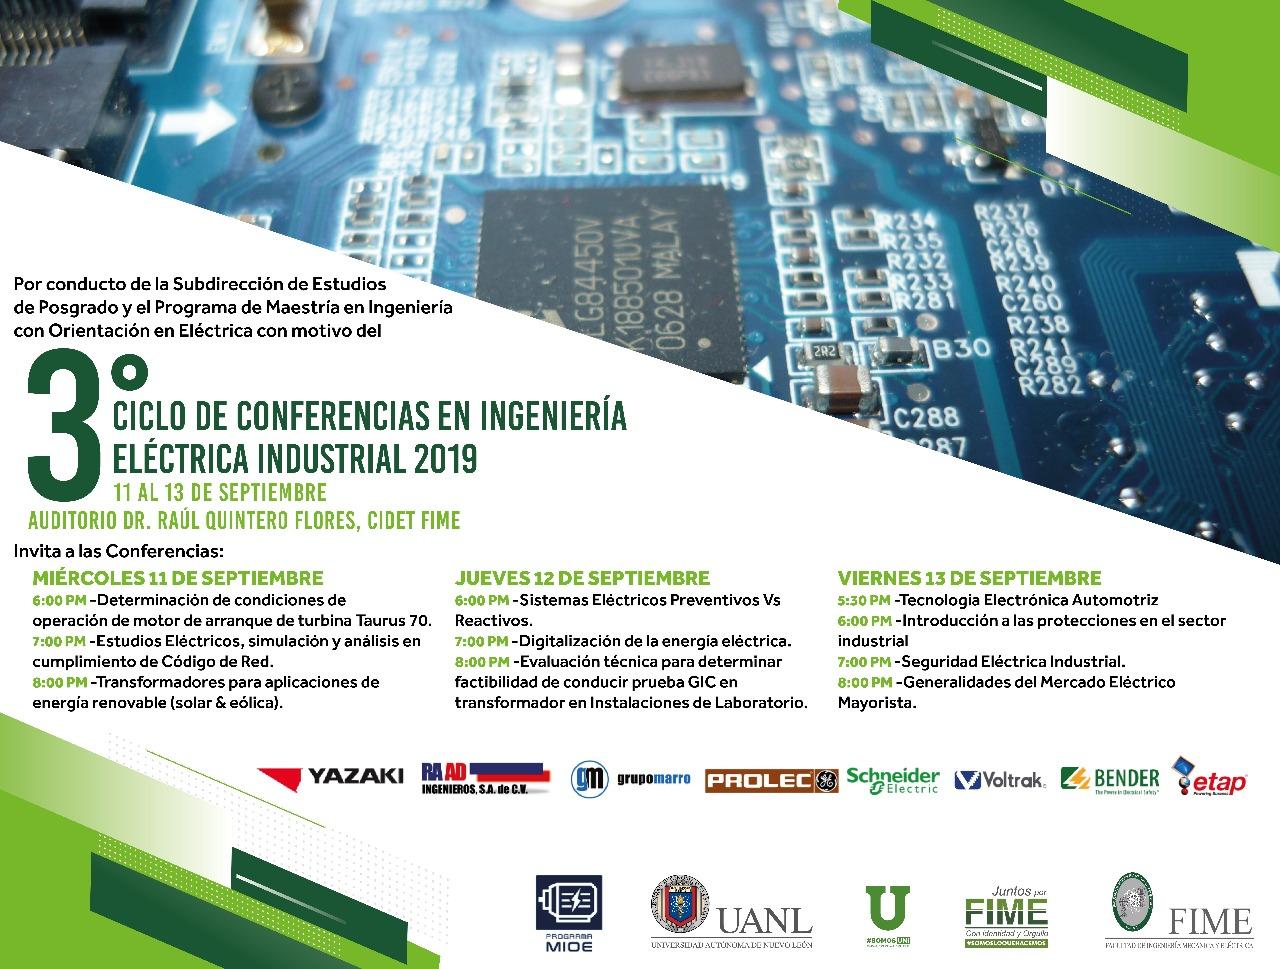 3er Ciclo de Conferencias FIME UANL Maestría en Ing. con Orientación en Eléctrica